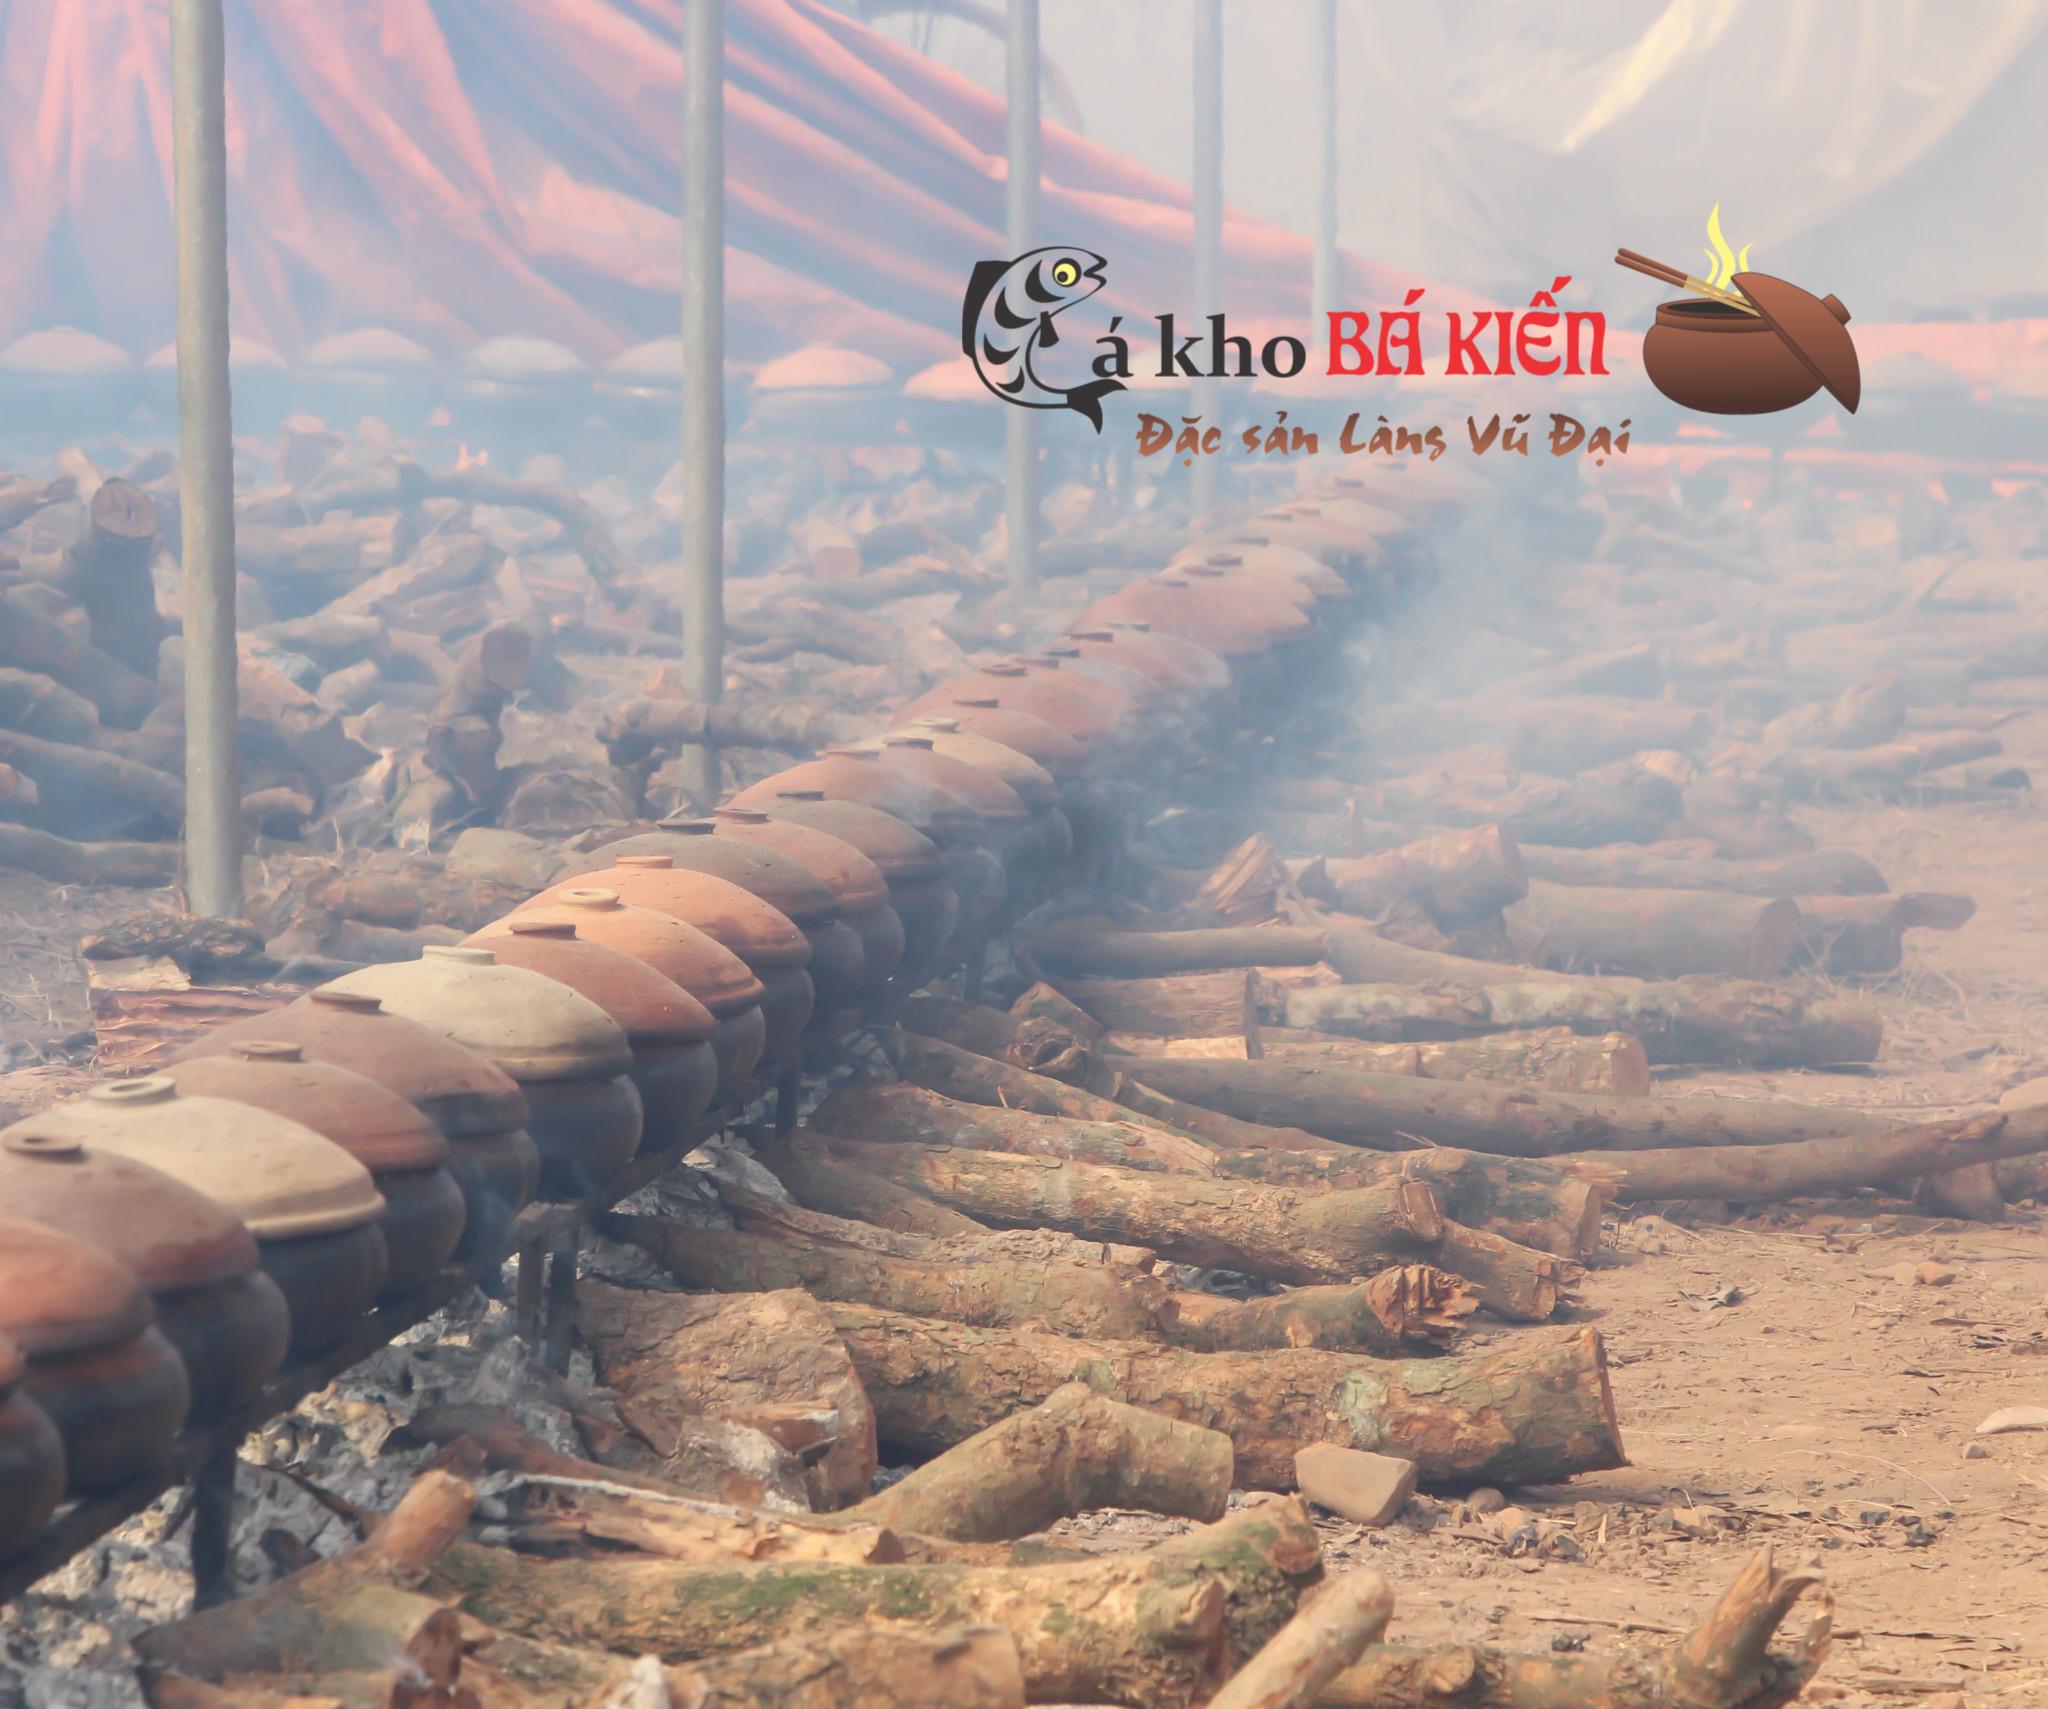 Cá được kho liên tục 16h trên bếp lửa hồng để cho miếng cá rắn chắc nhưng xương xốp mềm